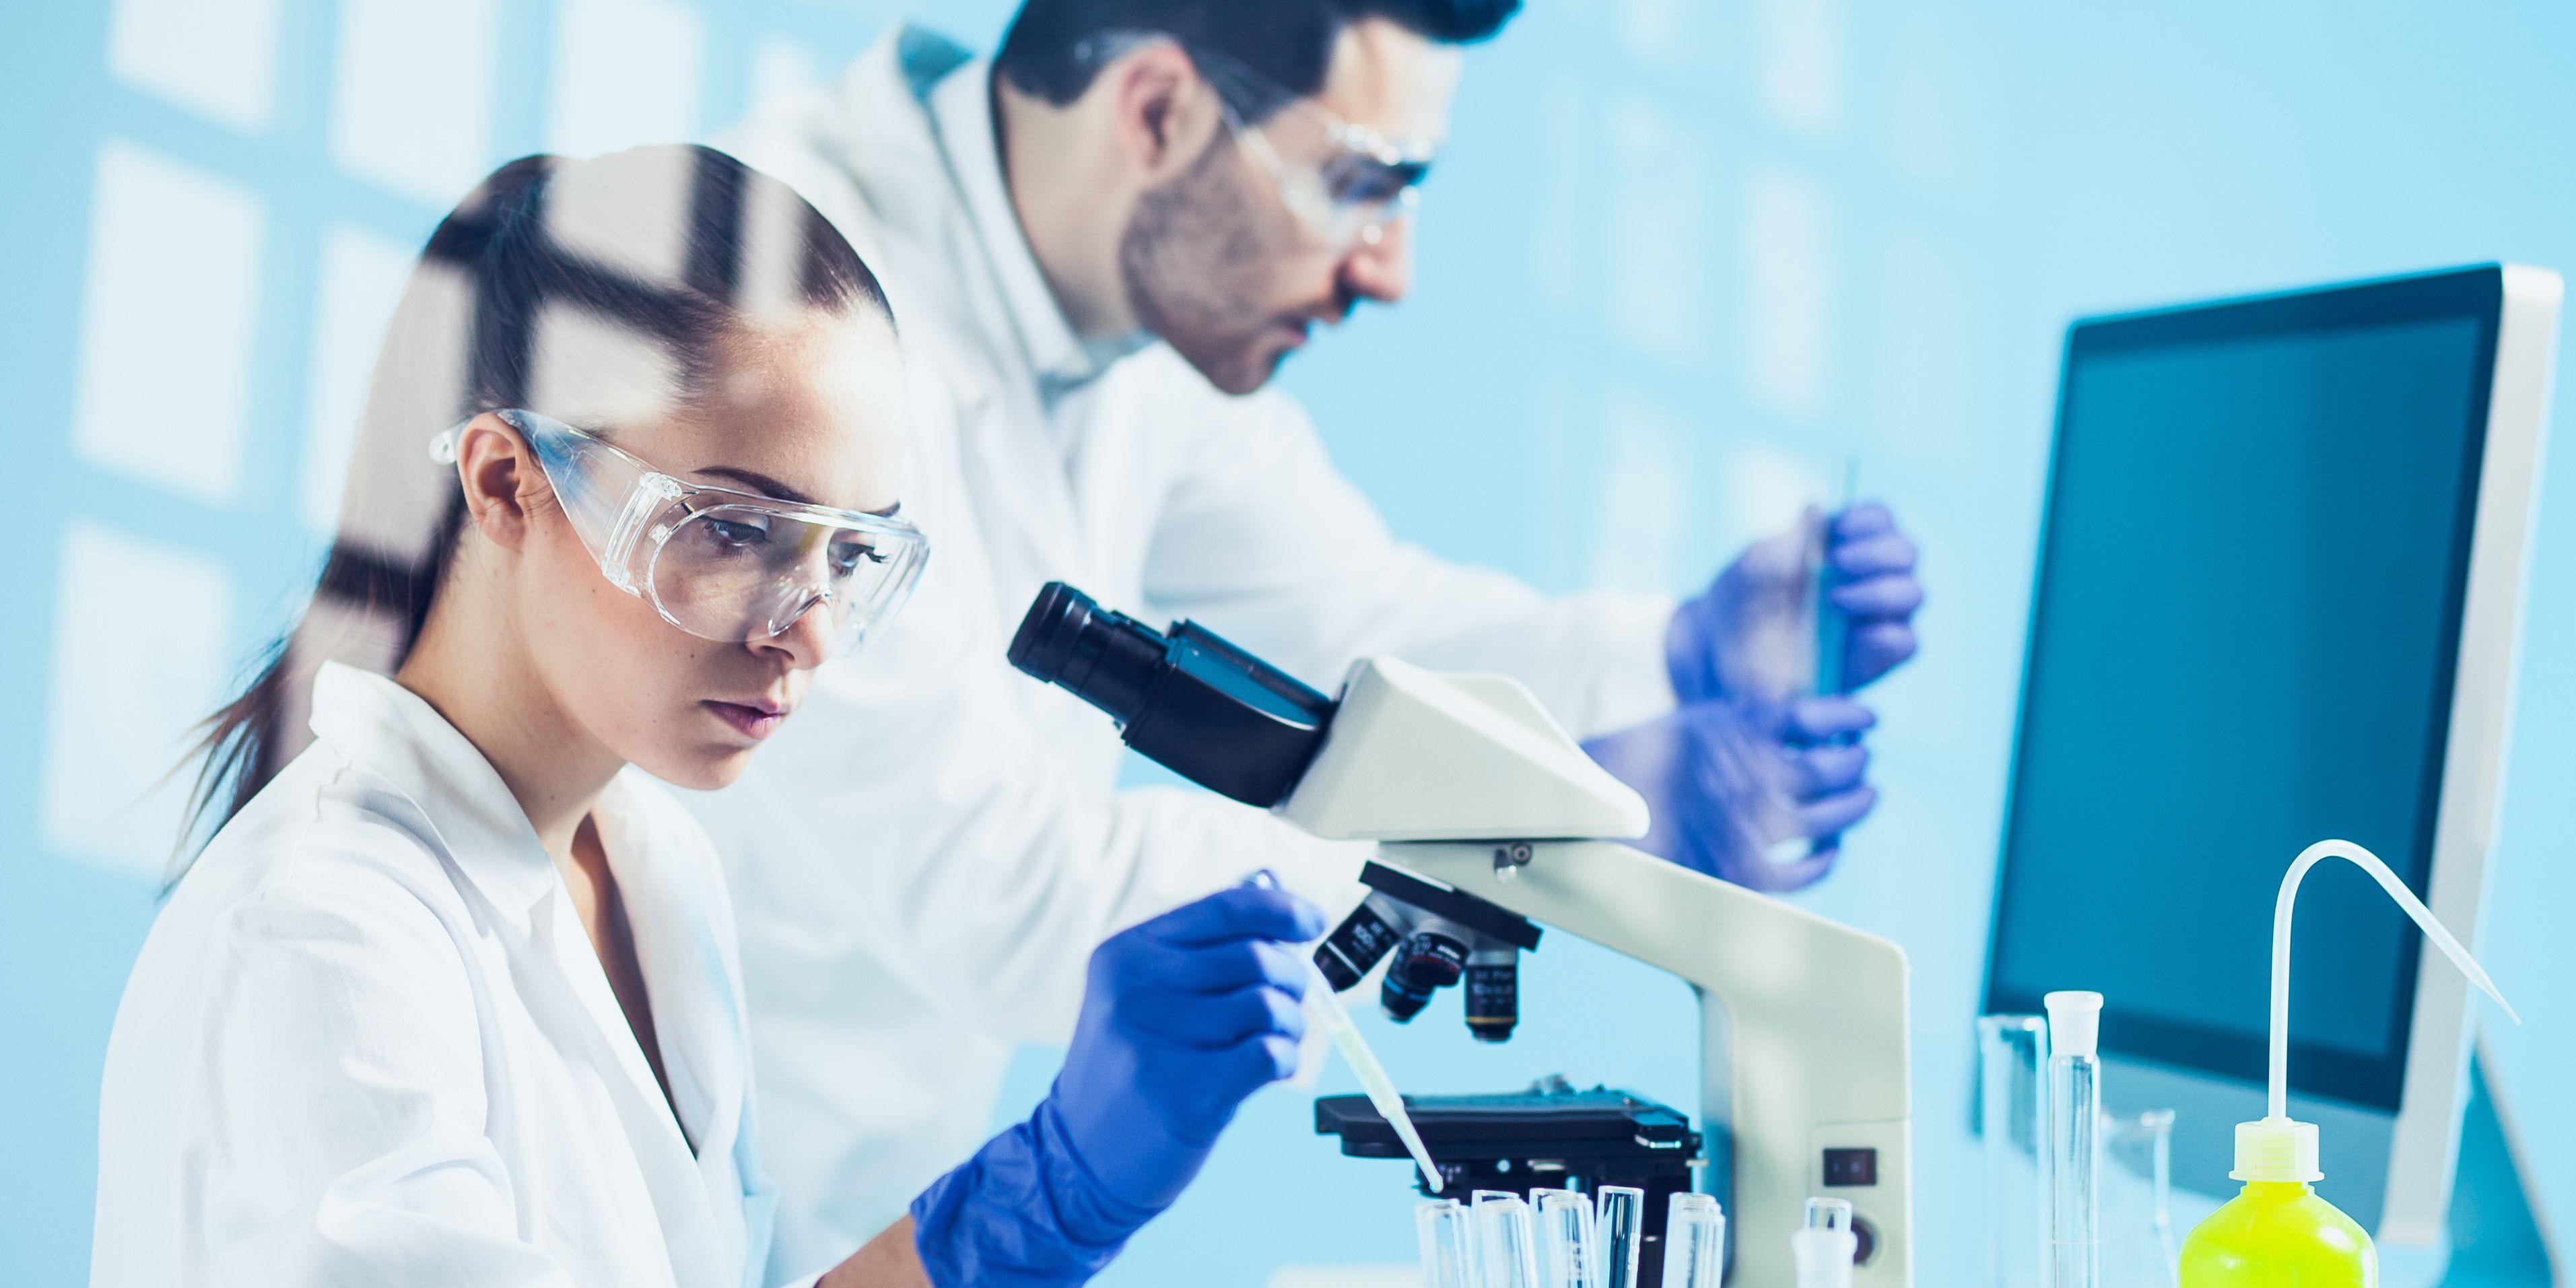 ¿Pueden los tests genéticos cambiar la forma en la que nuestro cuerpo funciona?